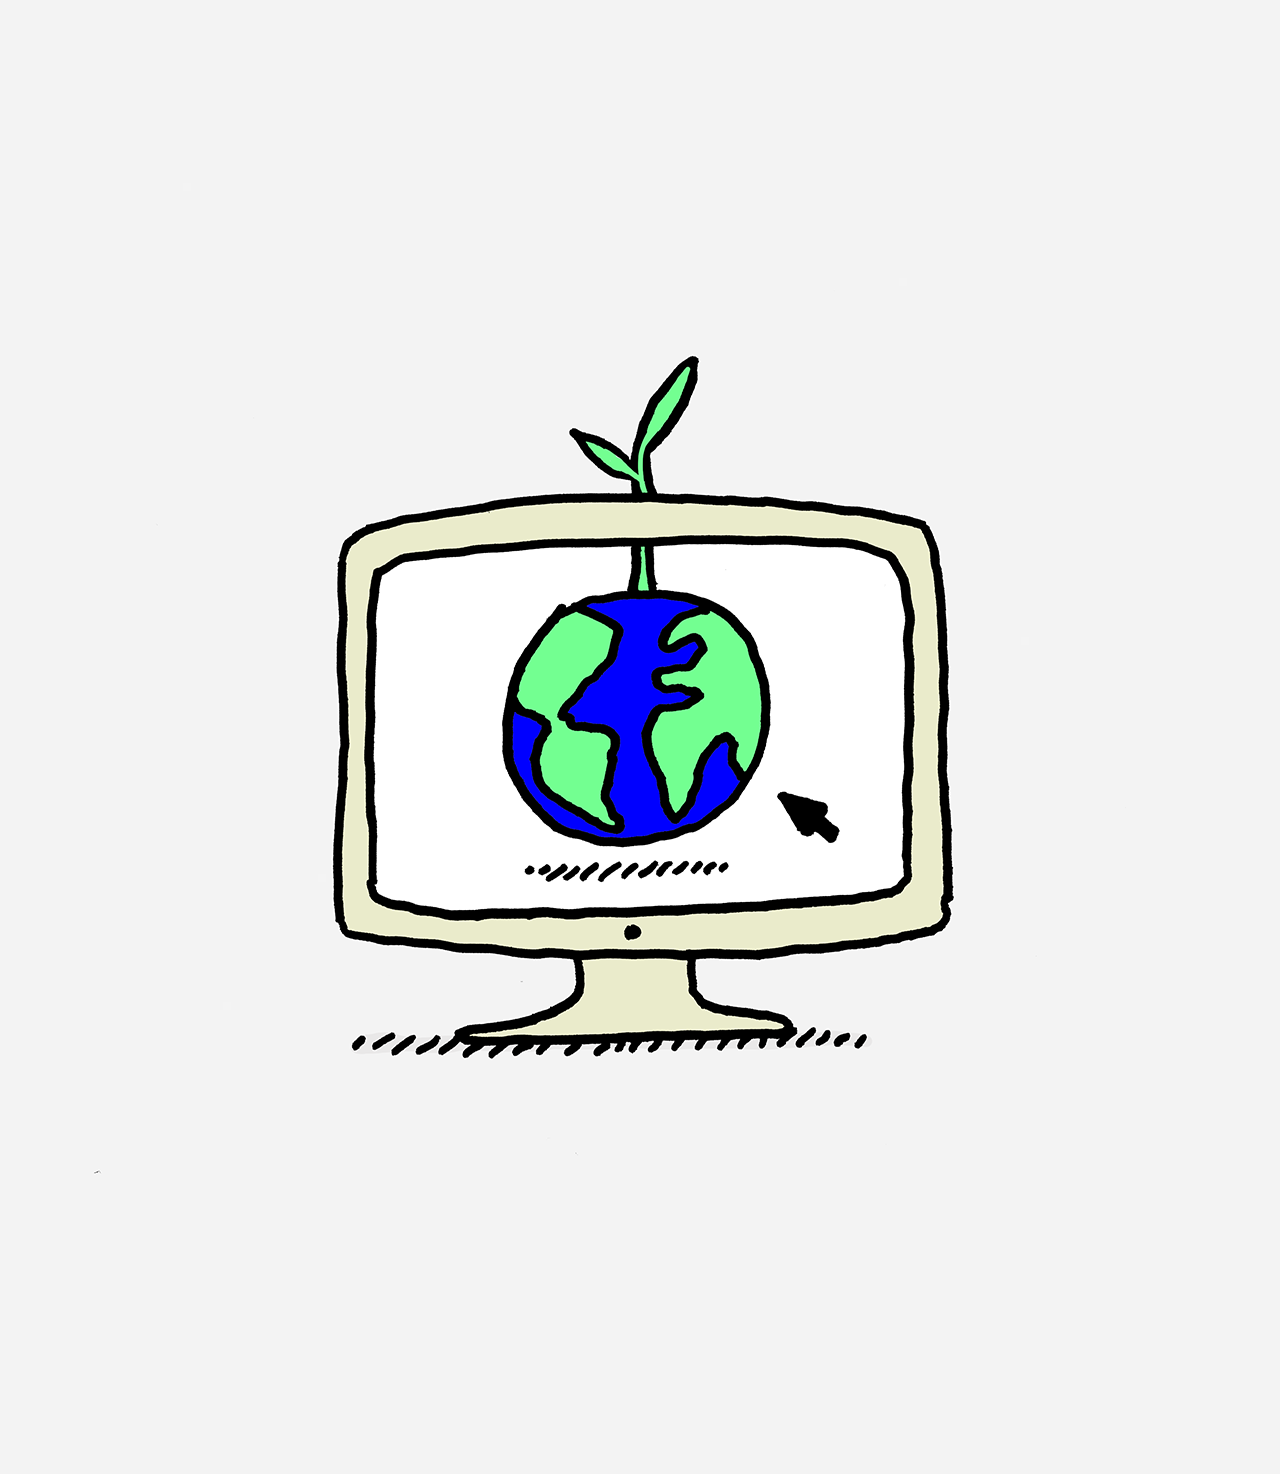 L'écoconception Web : les 10 bonnes pratiques pour améliorer son site en réduisant son empreinte écologique